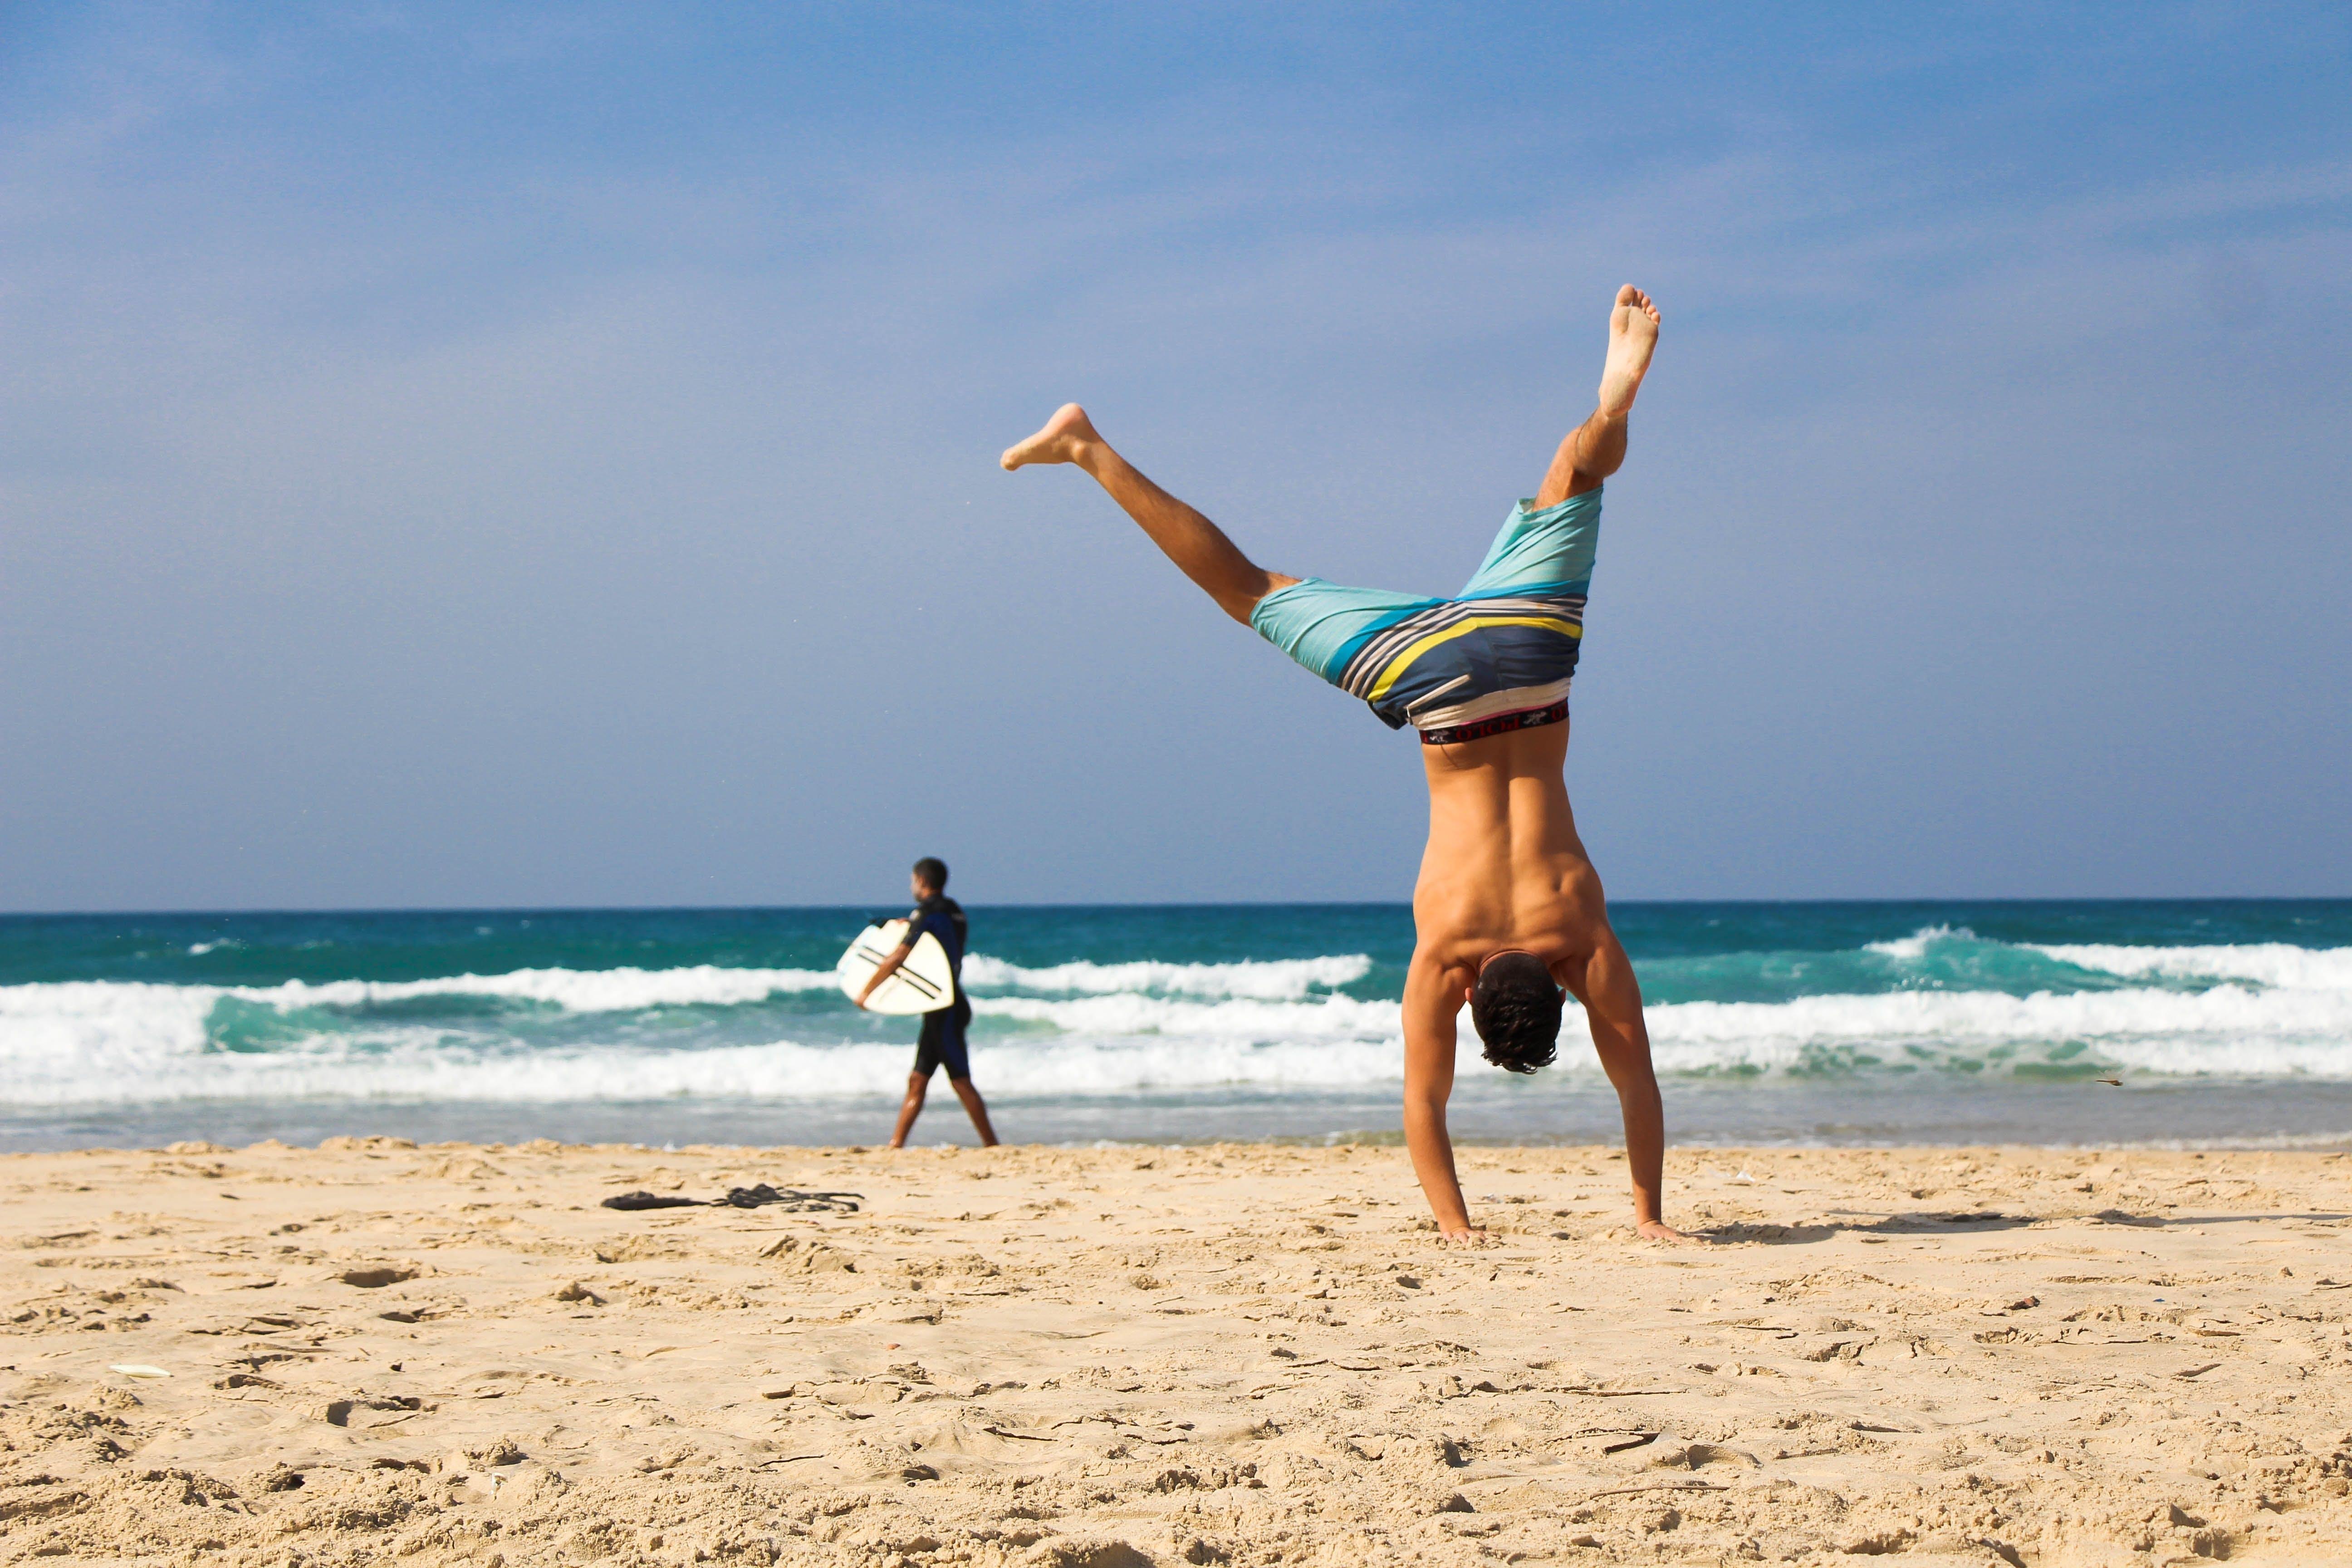 Gratis arkivbilde med aktiv, aktivitet, avslapping, balanse